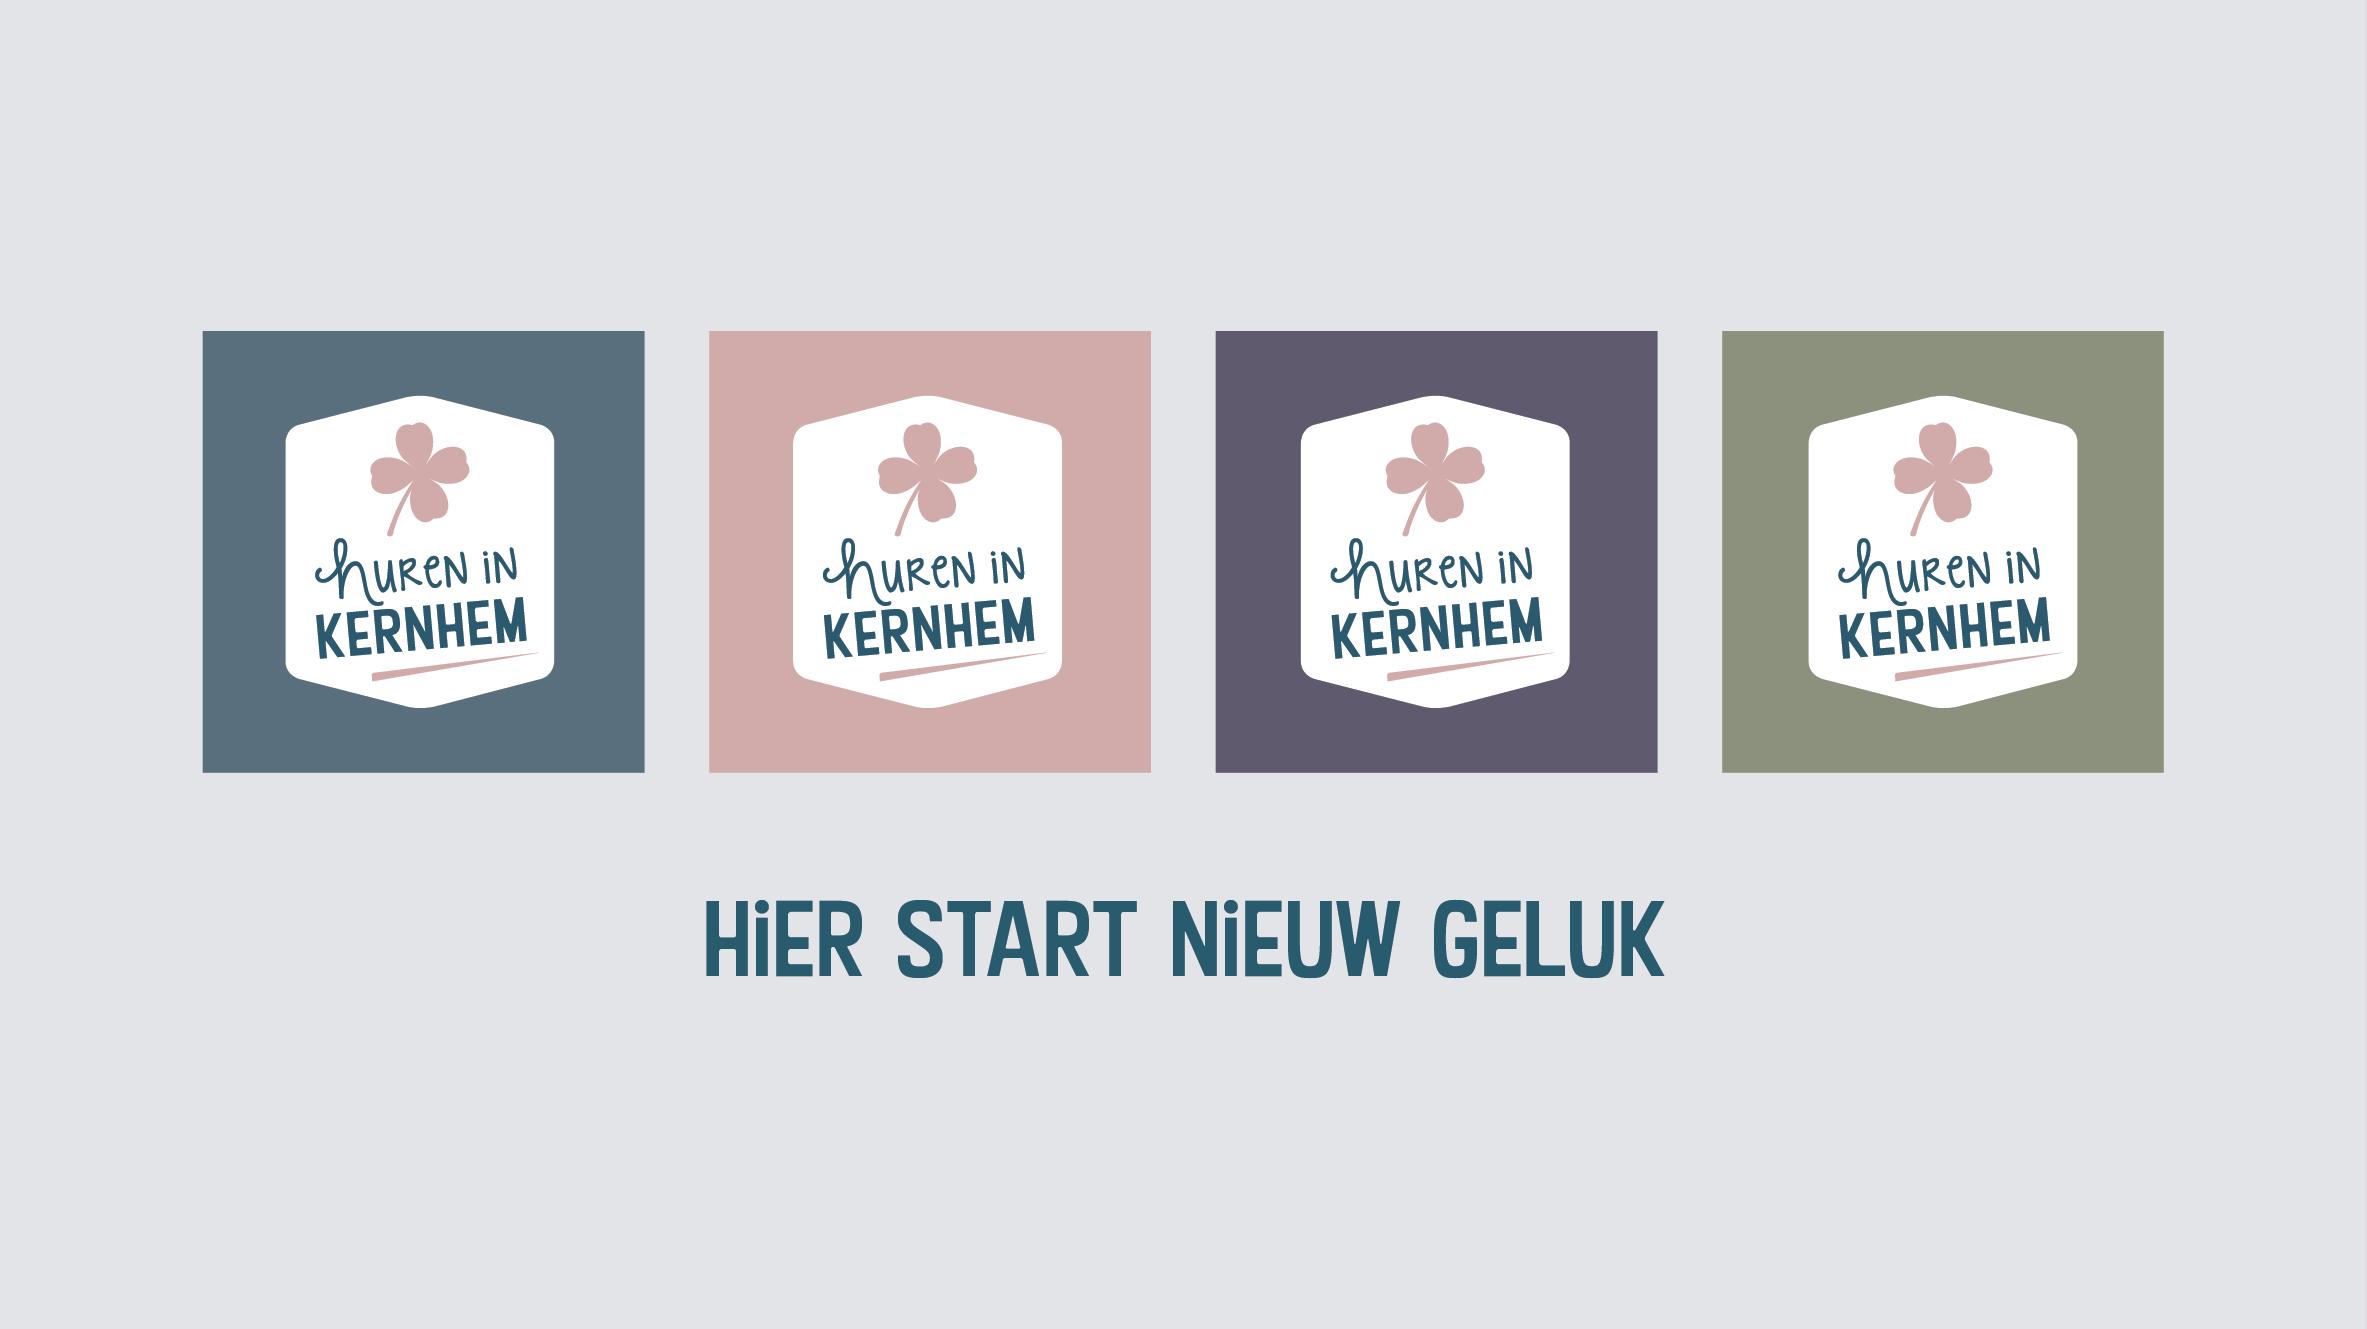 kernhem_beelden